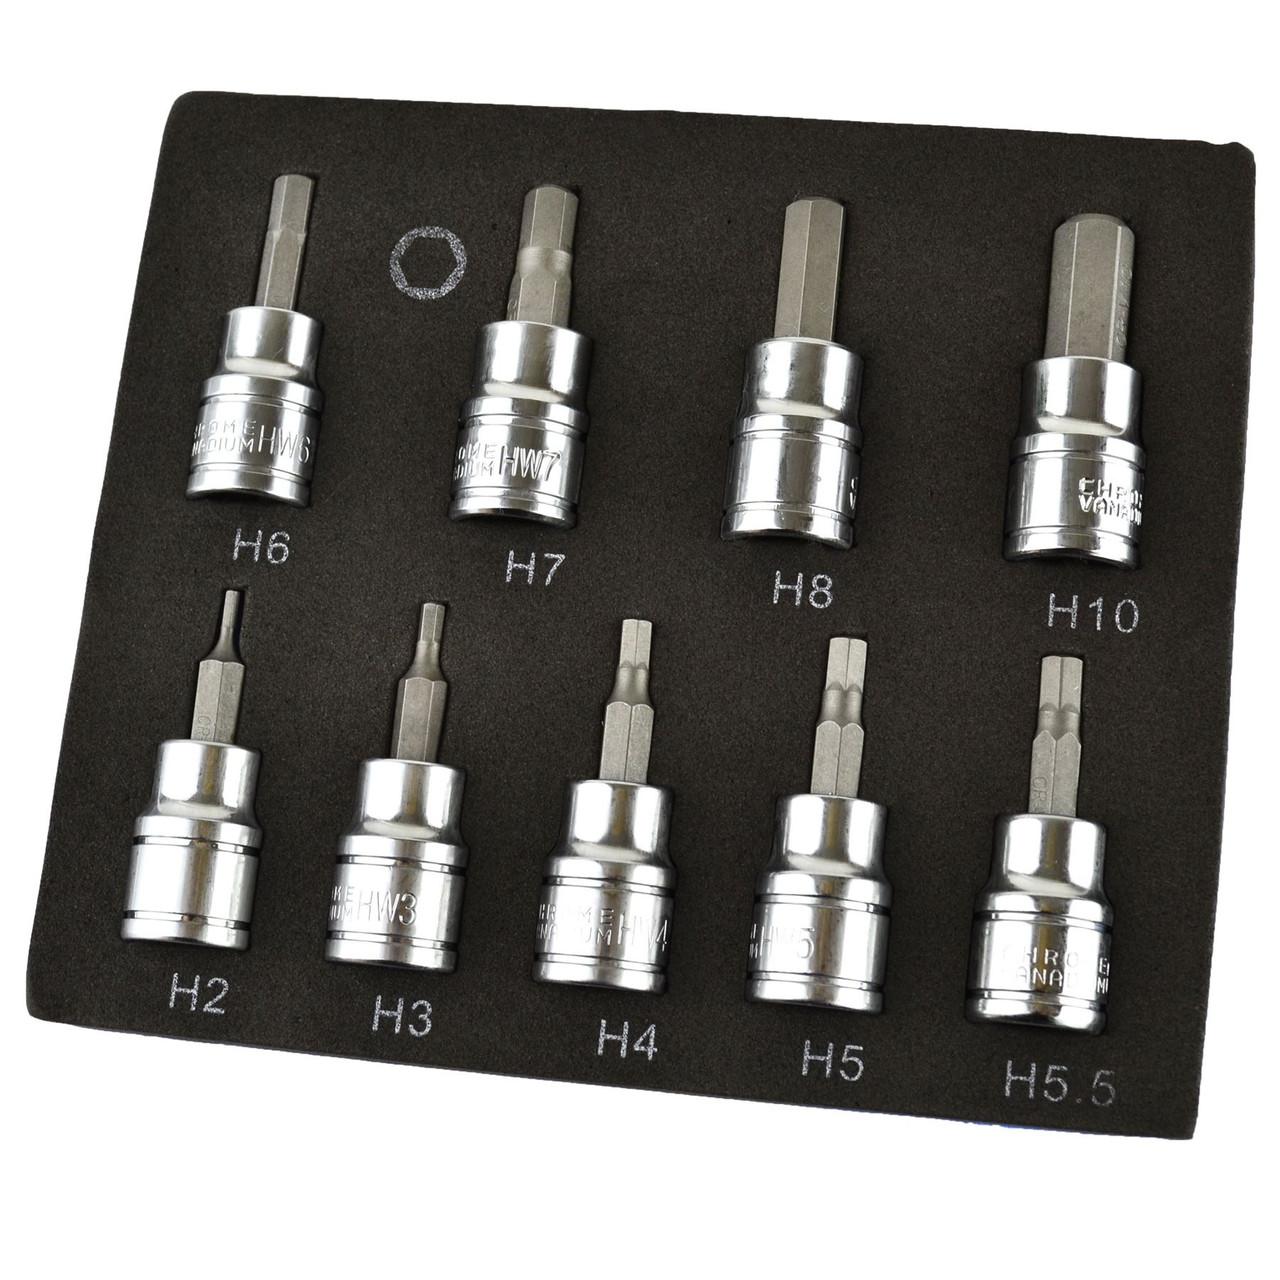 """Hex / Allen Sockets Key Bits 3/8"""" Drive 2mm - 10mm BERGEN 9pcs AT730"""